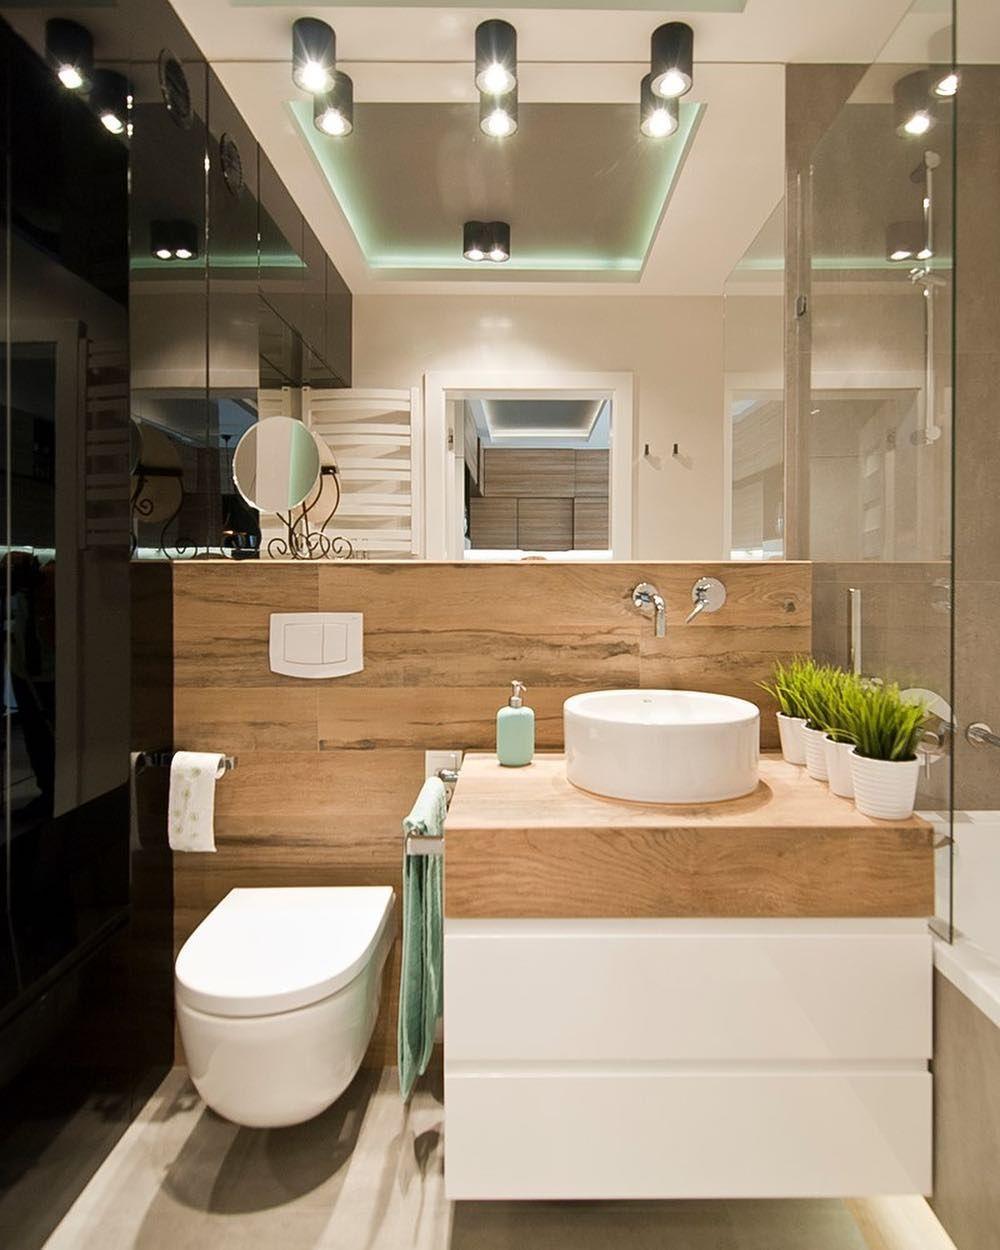 Duże Lustro W Małej łazience Optycznie Powiększy Wnętrze